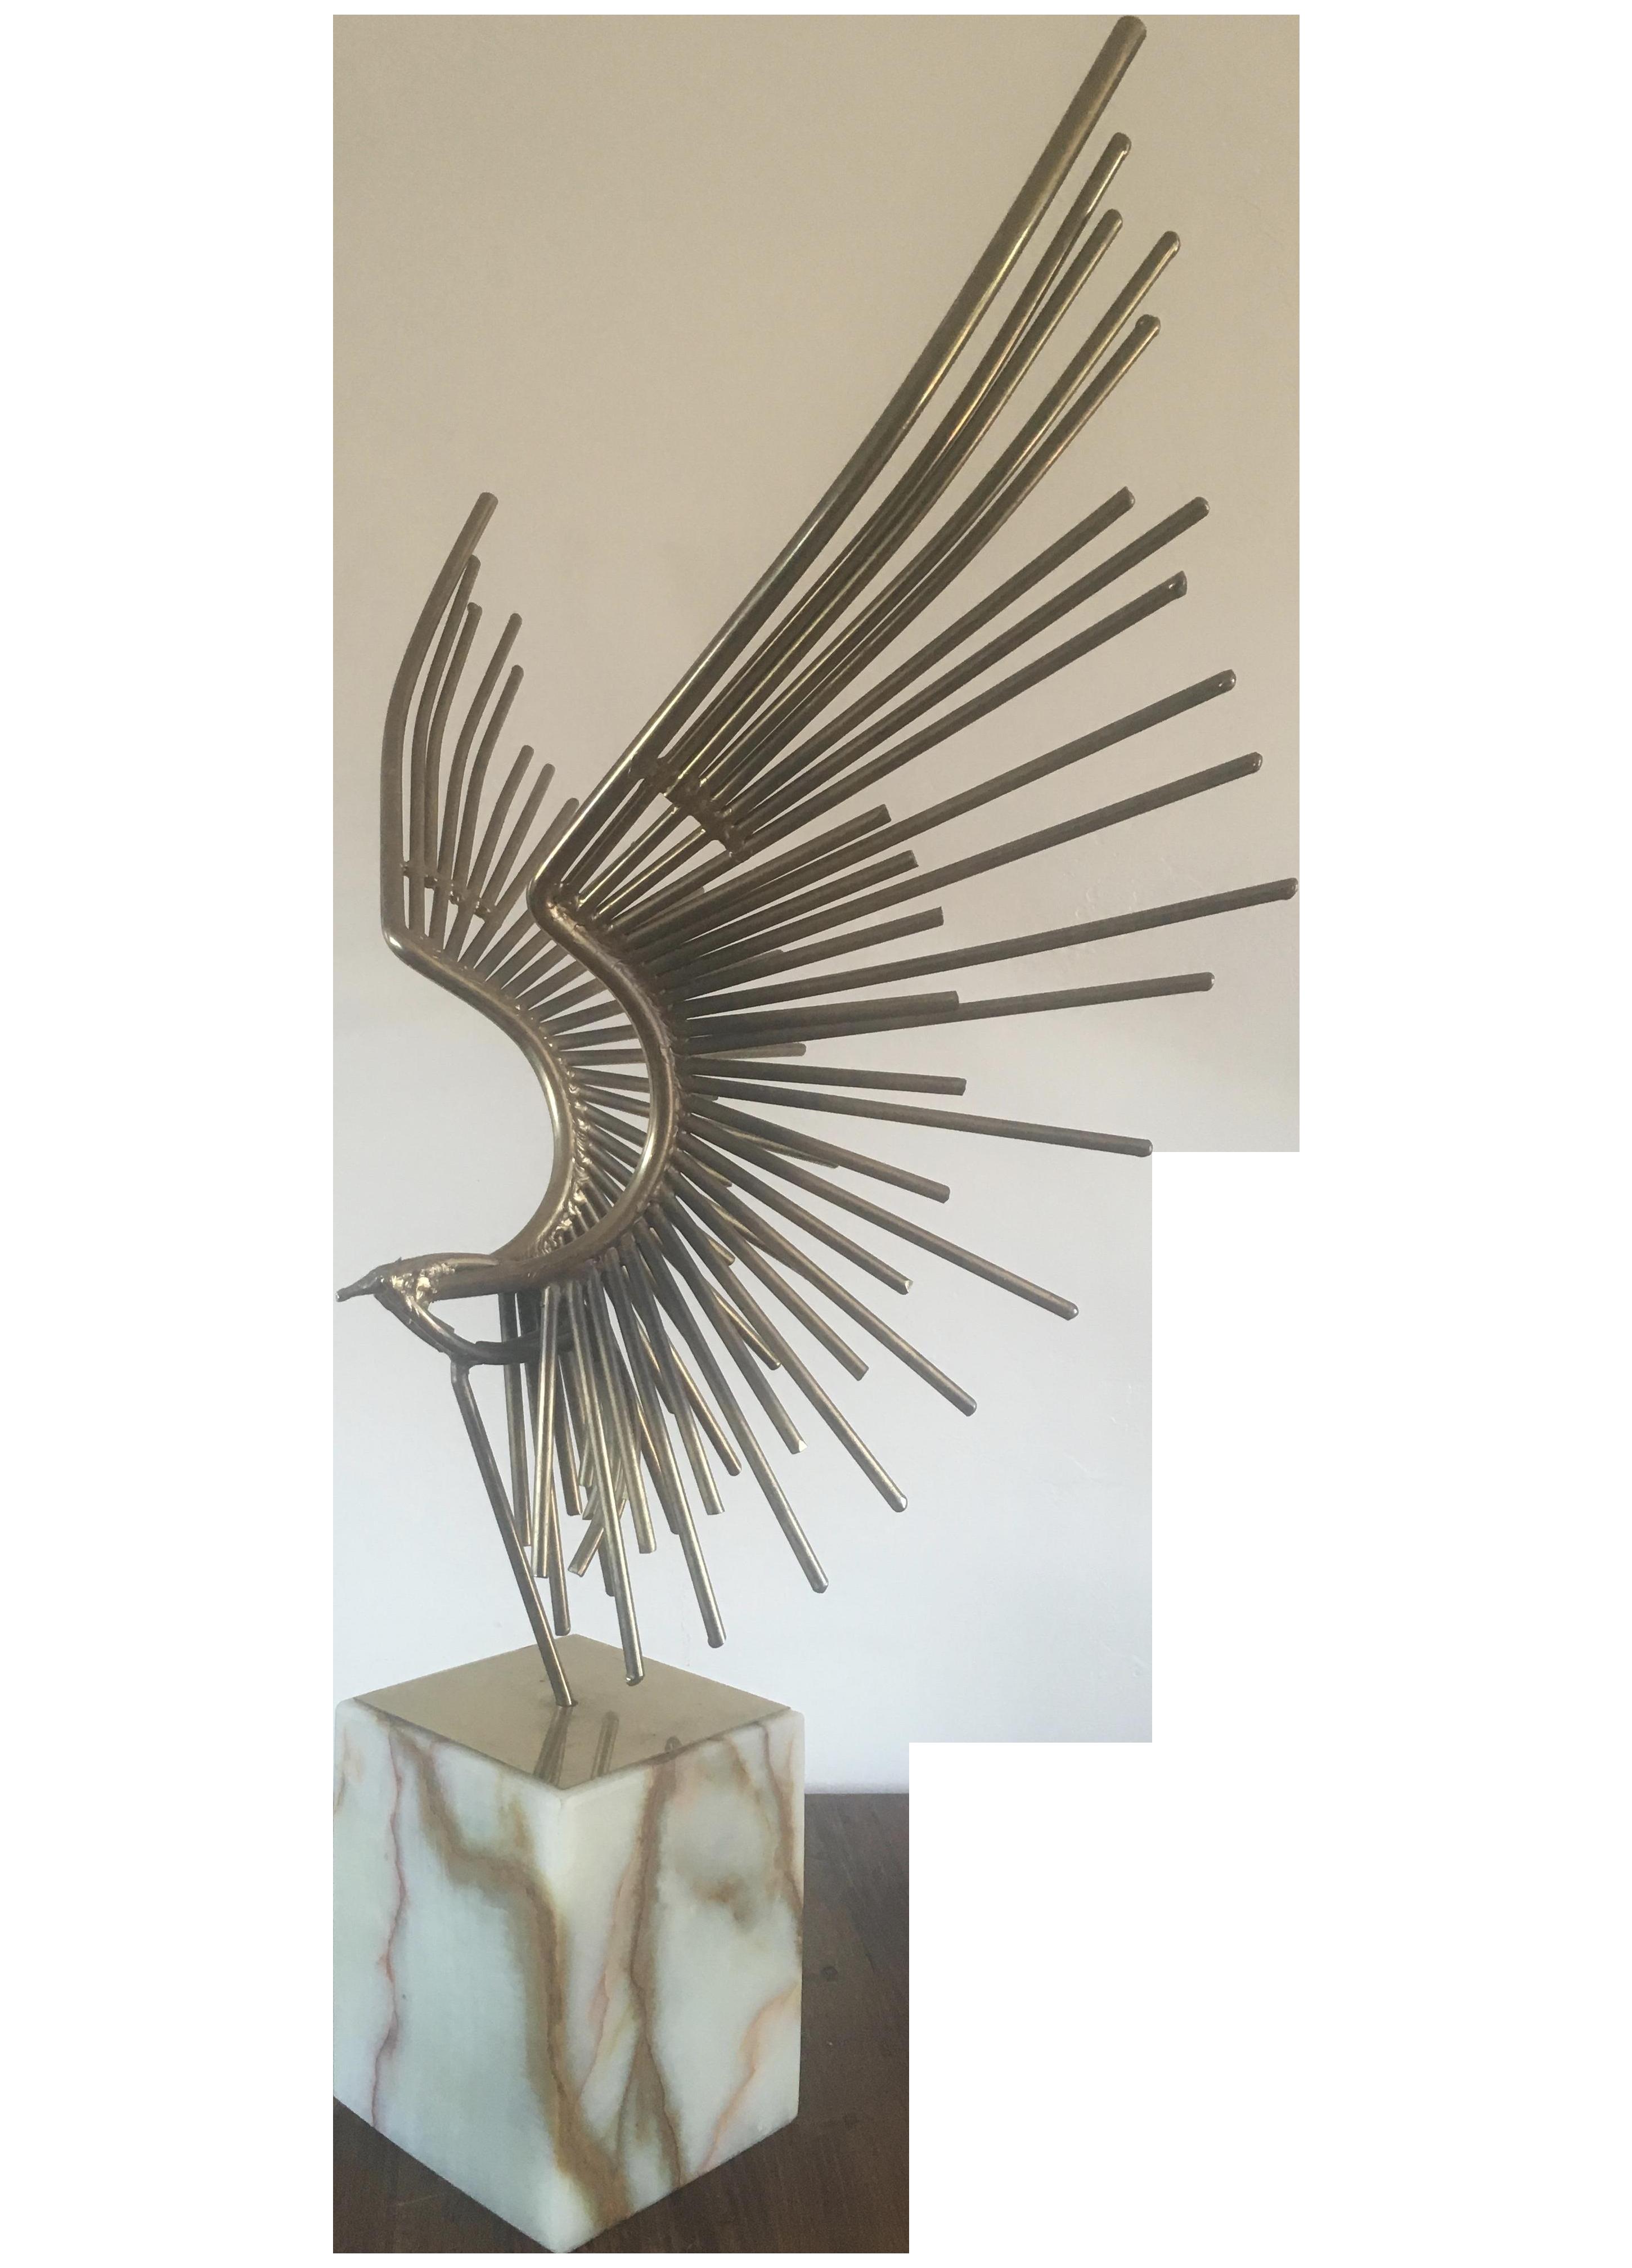 Curtis Jere Brutalist Bird Sculpture Chairish